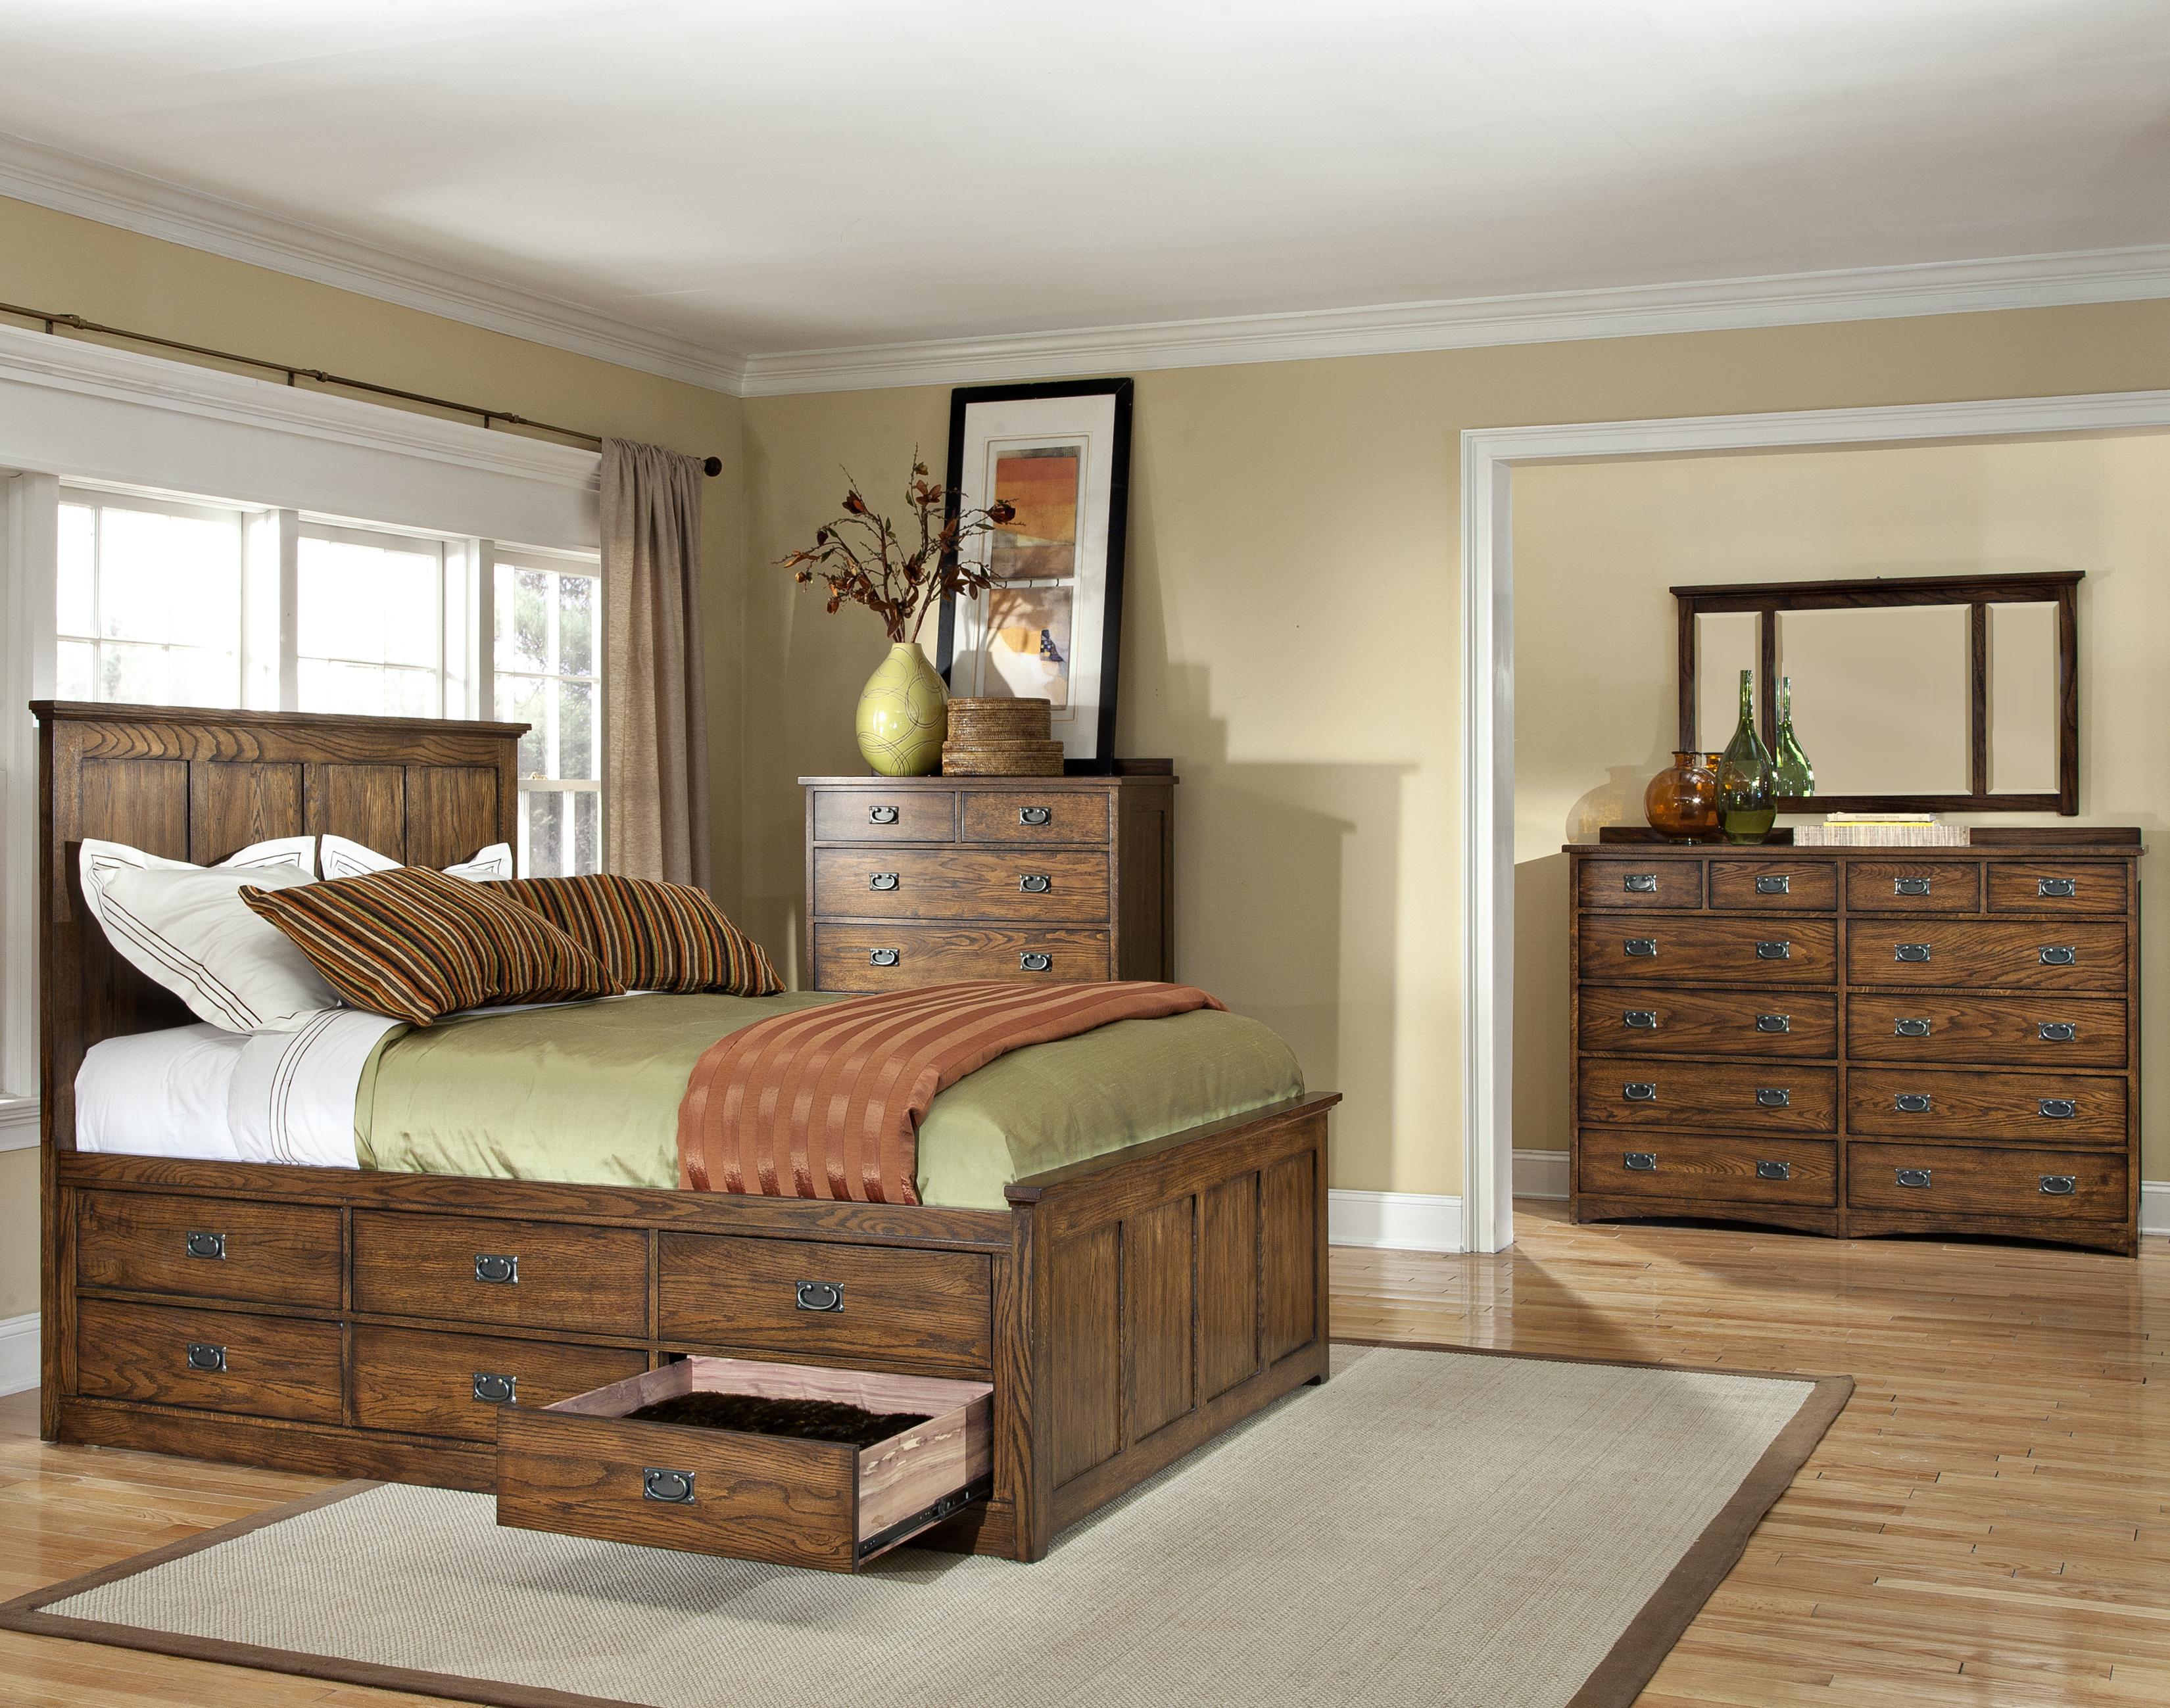 intercon oak park queen bedroom group furniture options